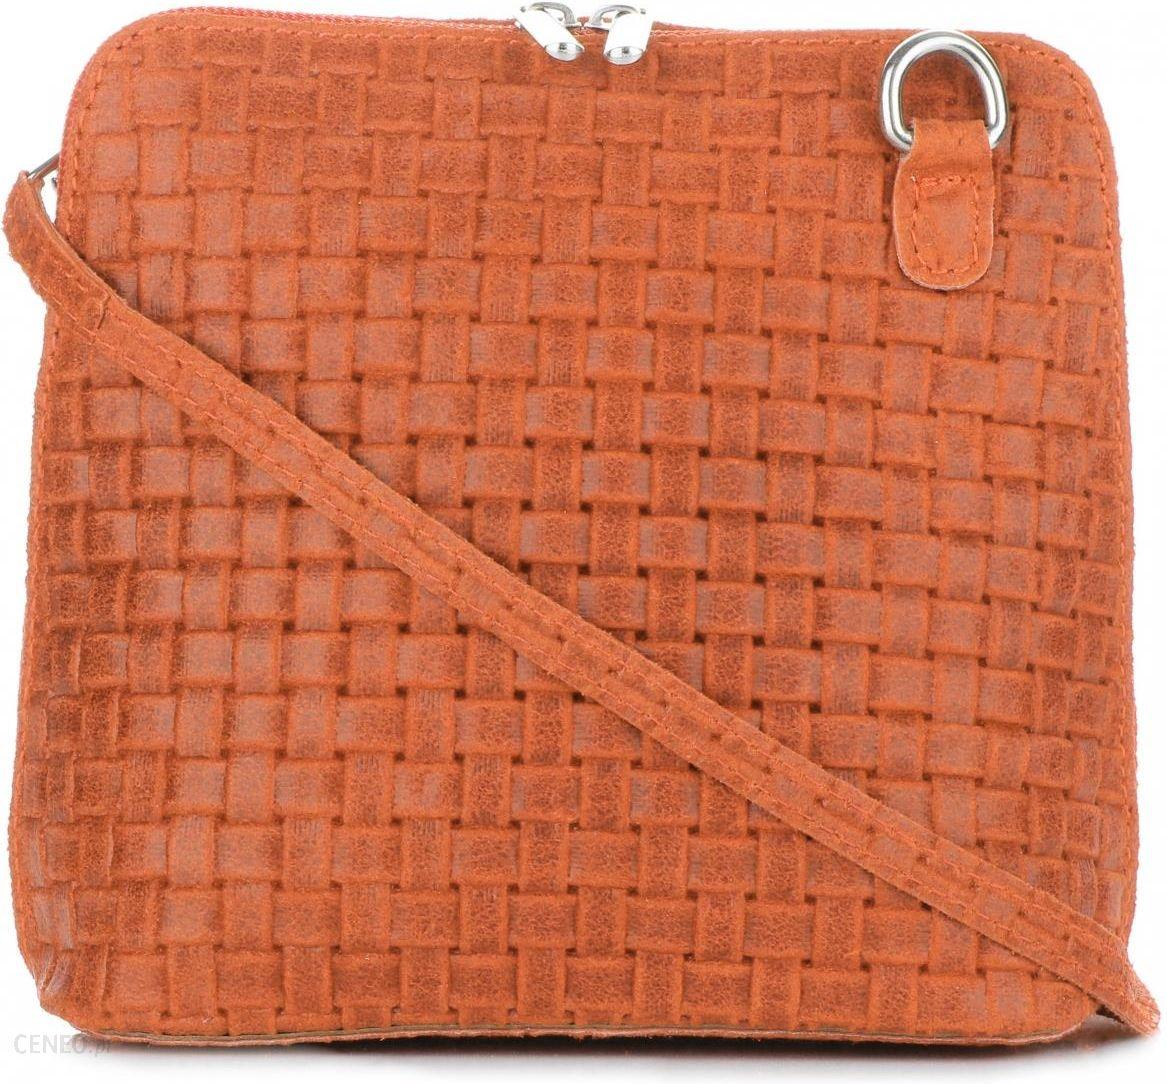 2d91efa328351 Mała Włoska Torebka Skórzana Listonoszka firmy Genuine Leather Pomarańczowa  - zdjęcie 1